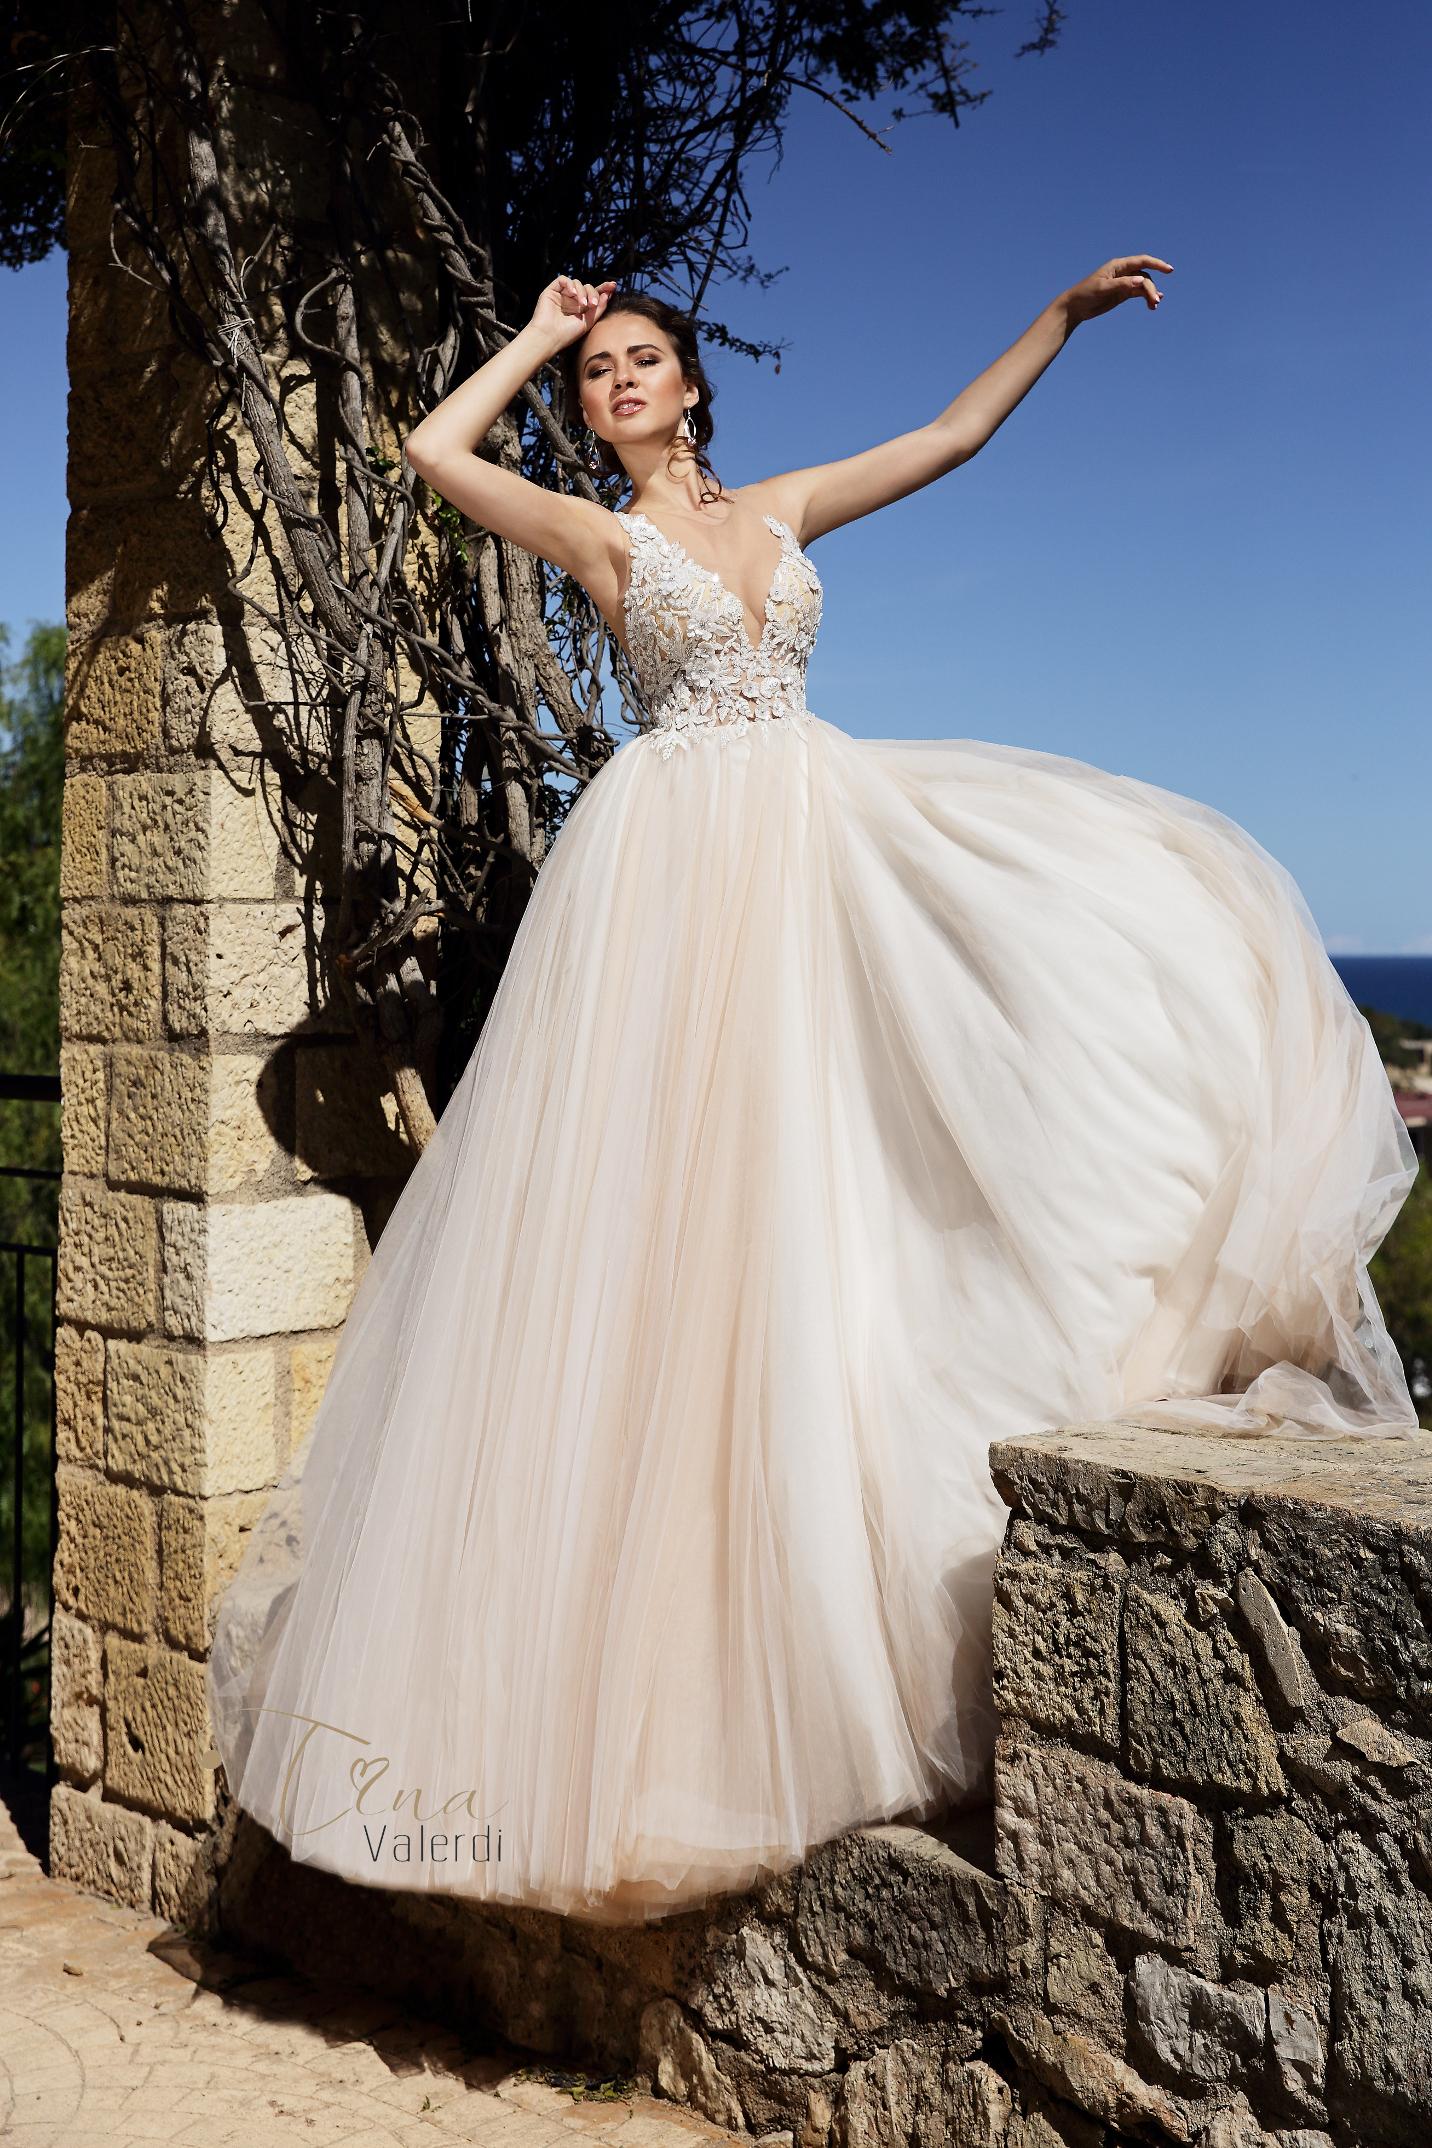 vestuvines-sukneles-tina-valerdi-Enrica1